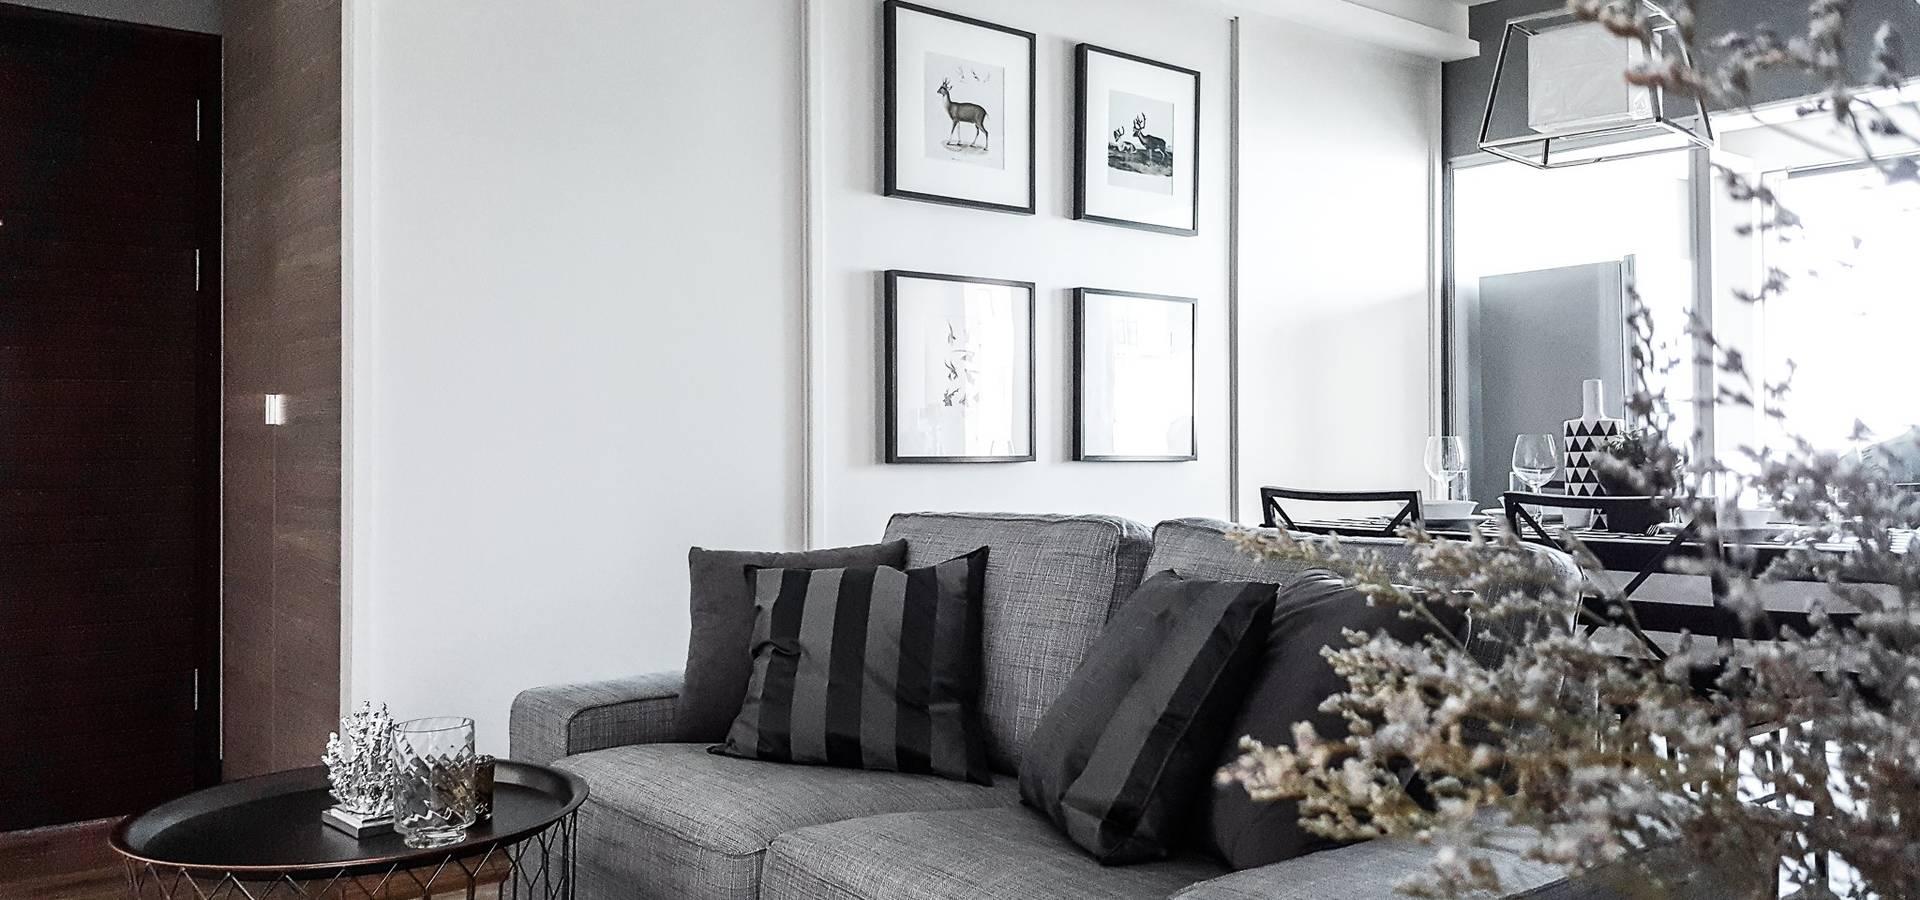 Kirin design&living